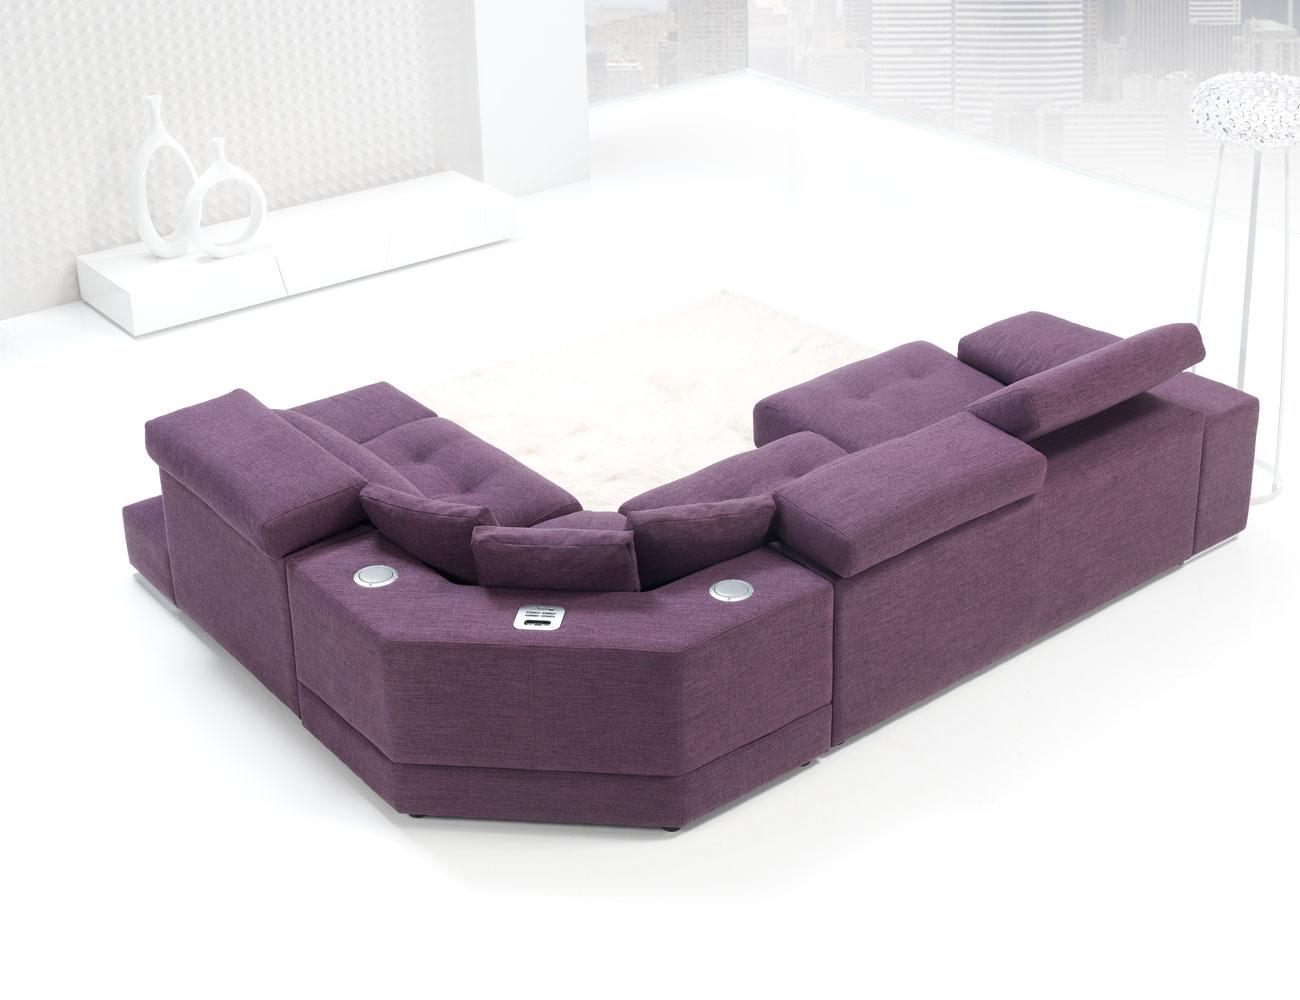 Sofa chaiselongue rincon con brazo mecanico tejido anti manchas 316